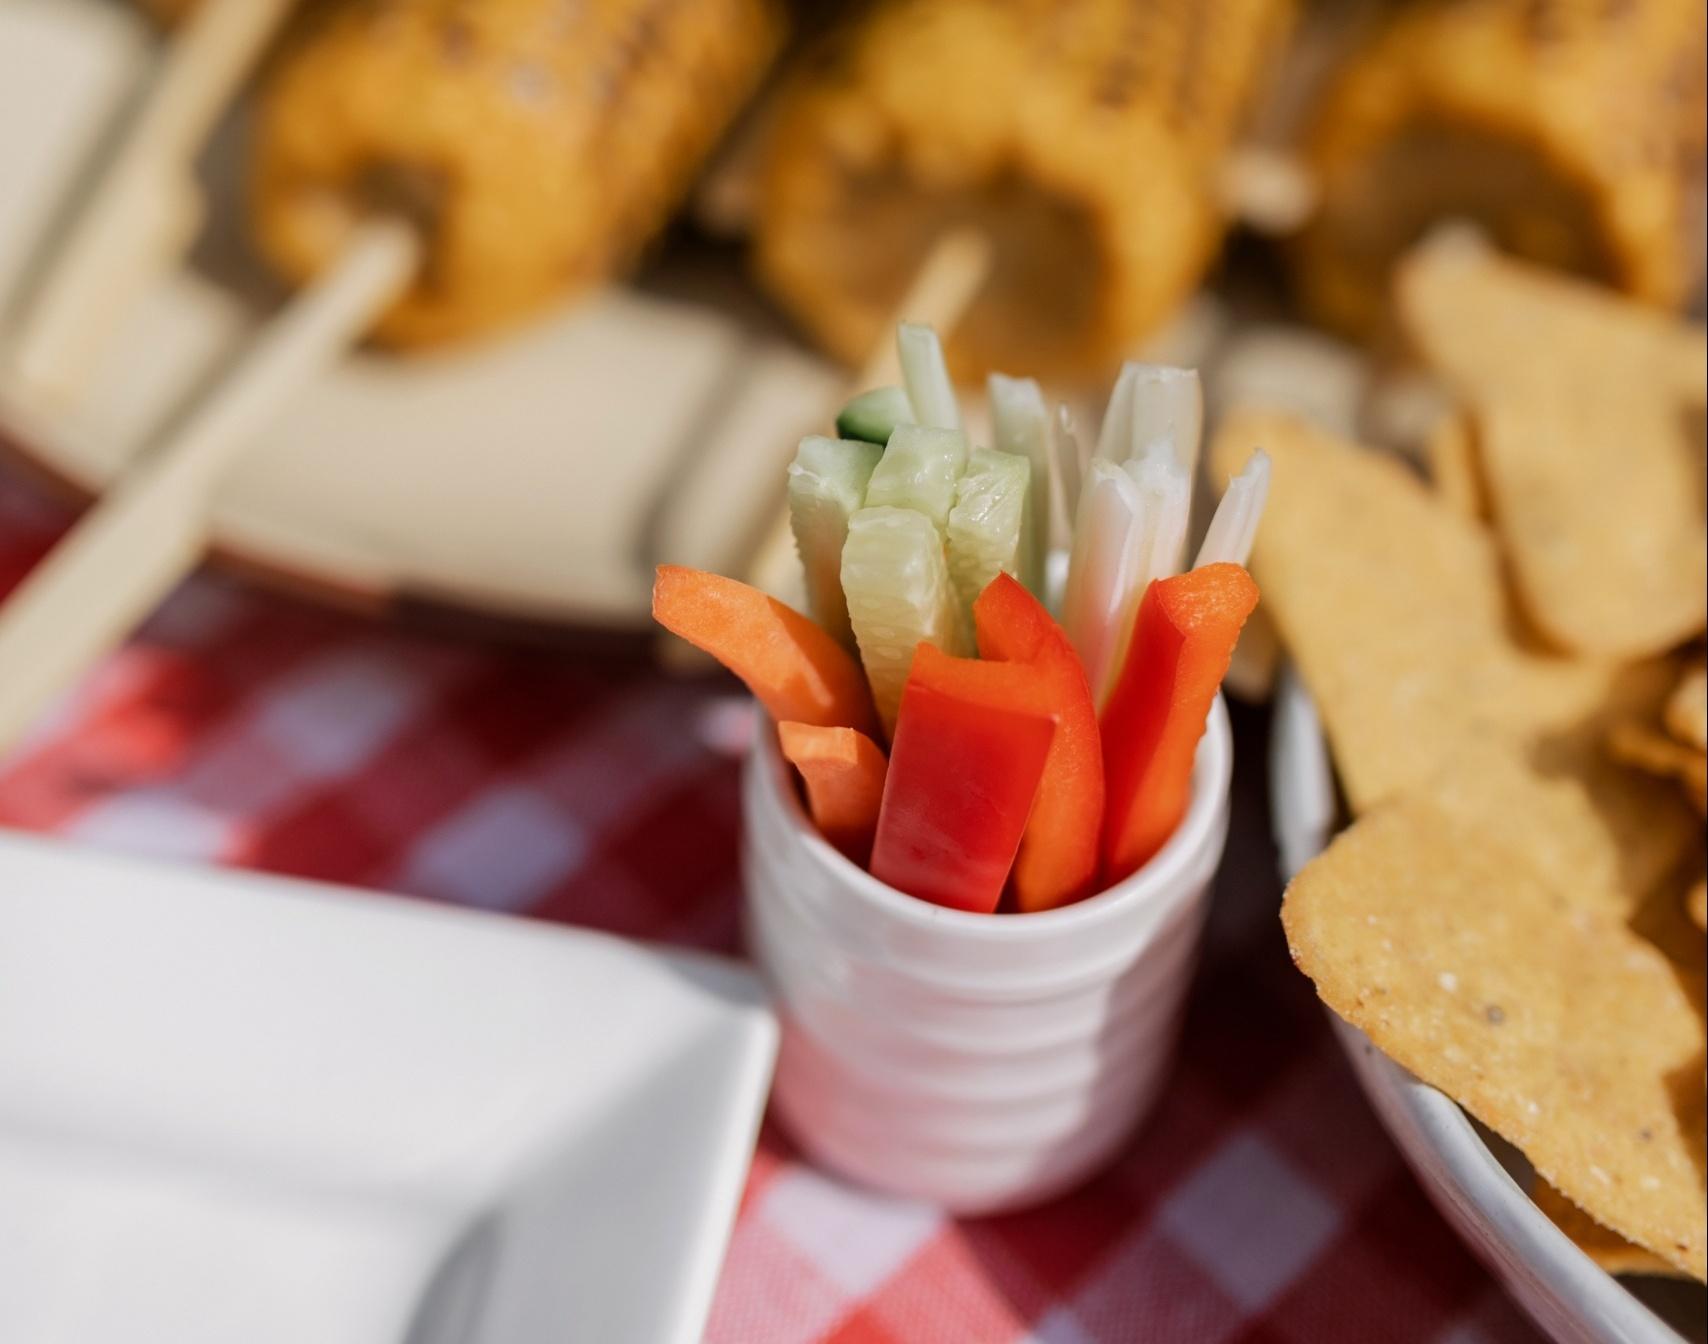 Zöldségek joghurttal vagy kefirrel